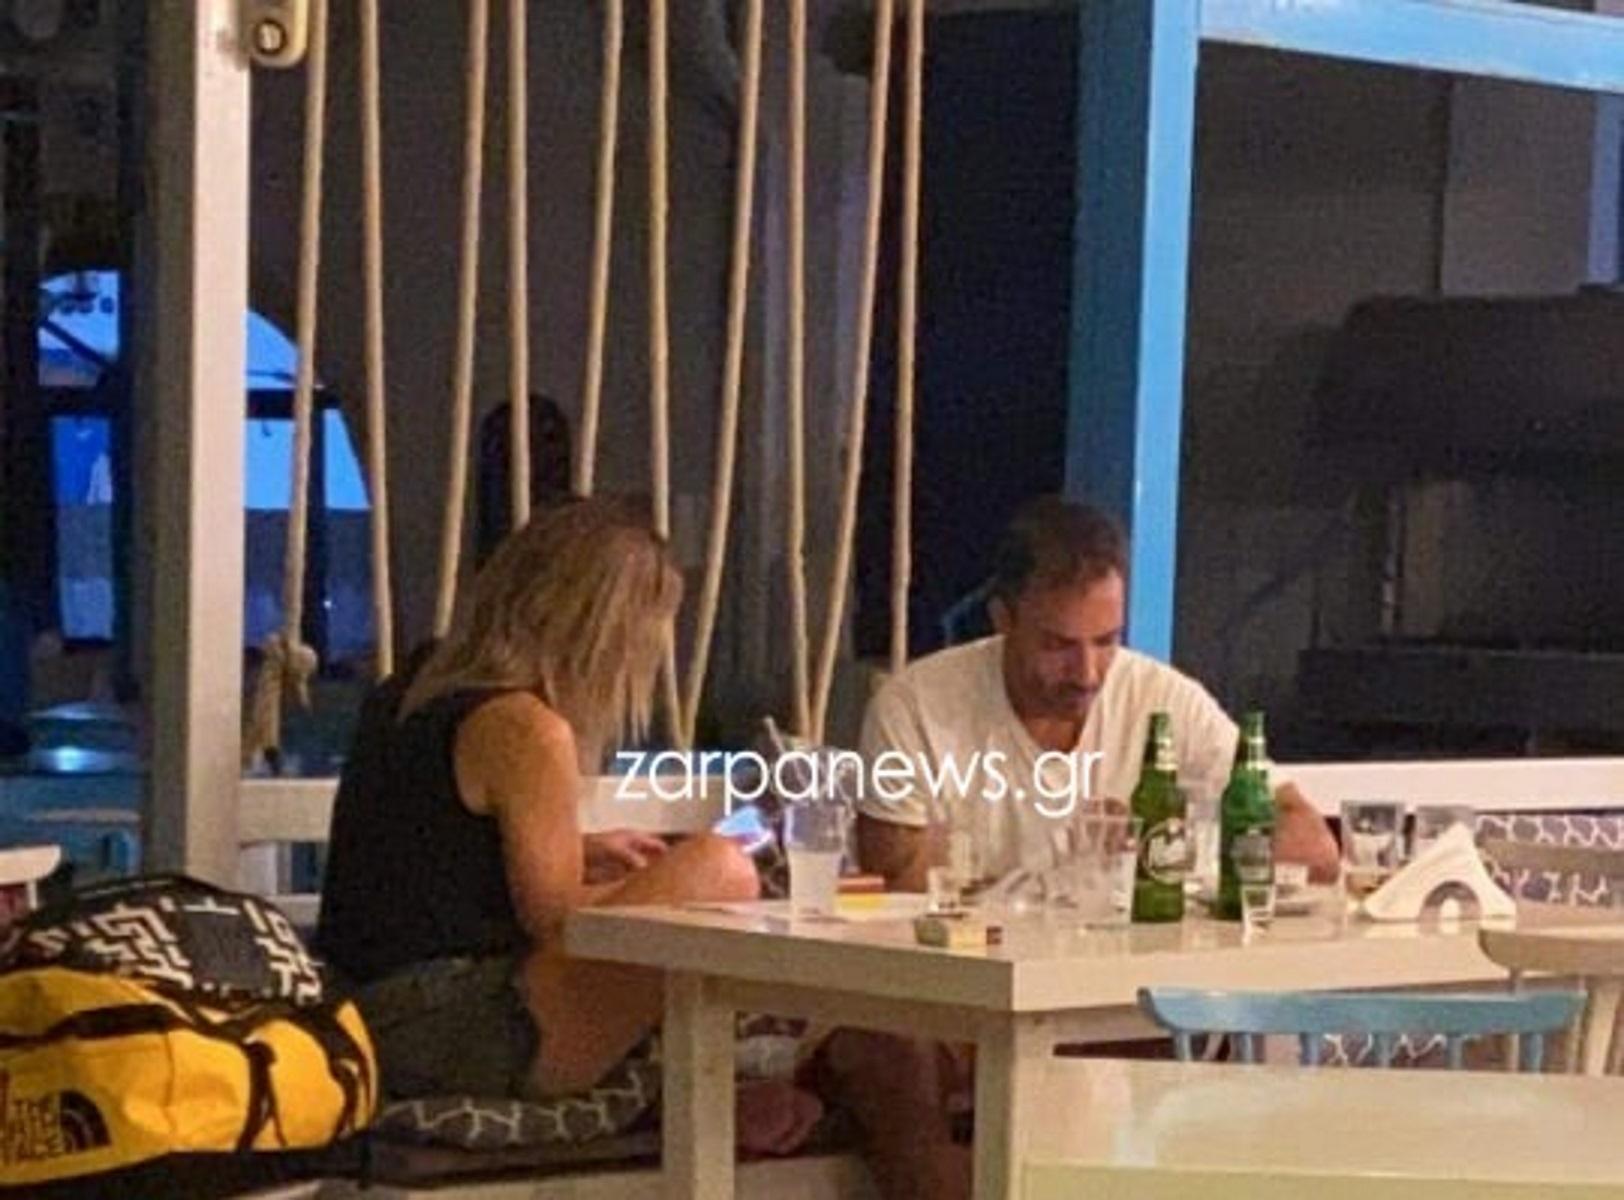 Μελίνα Ασλανίδου: Φήμες για επανασύνδεση με τον Βασίλη Μουντάκη